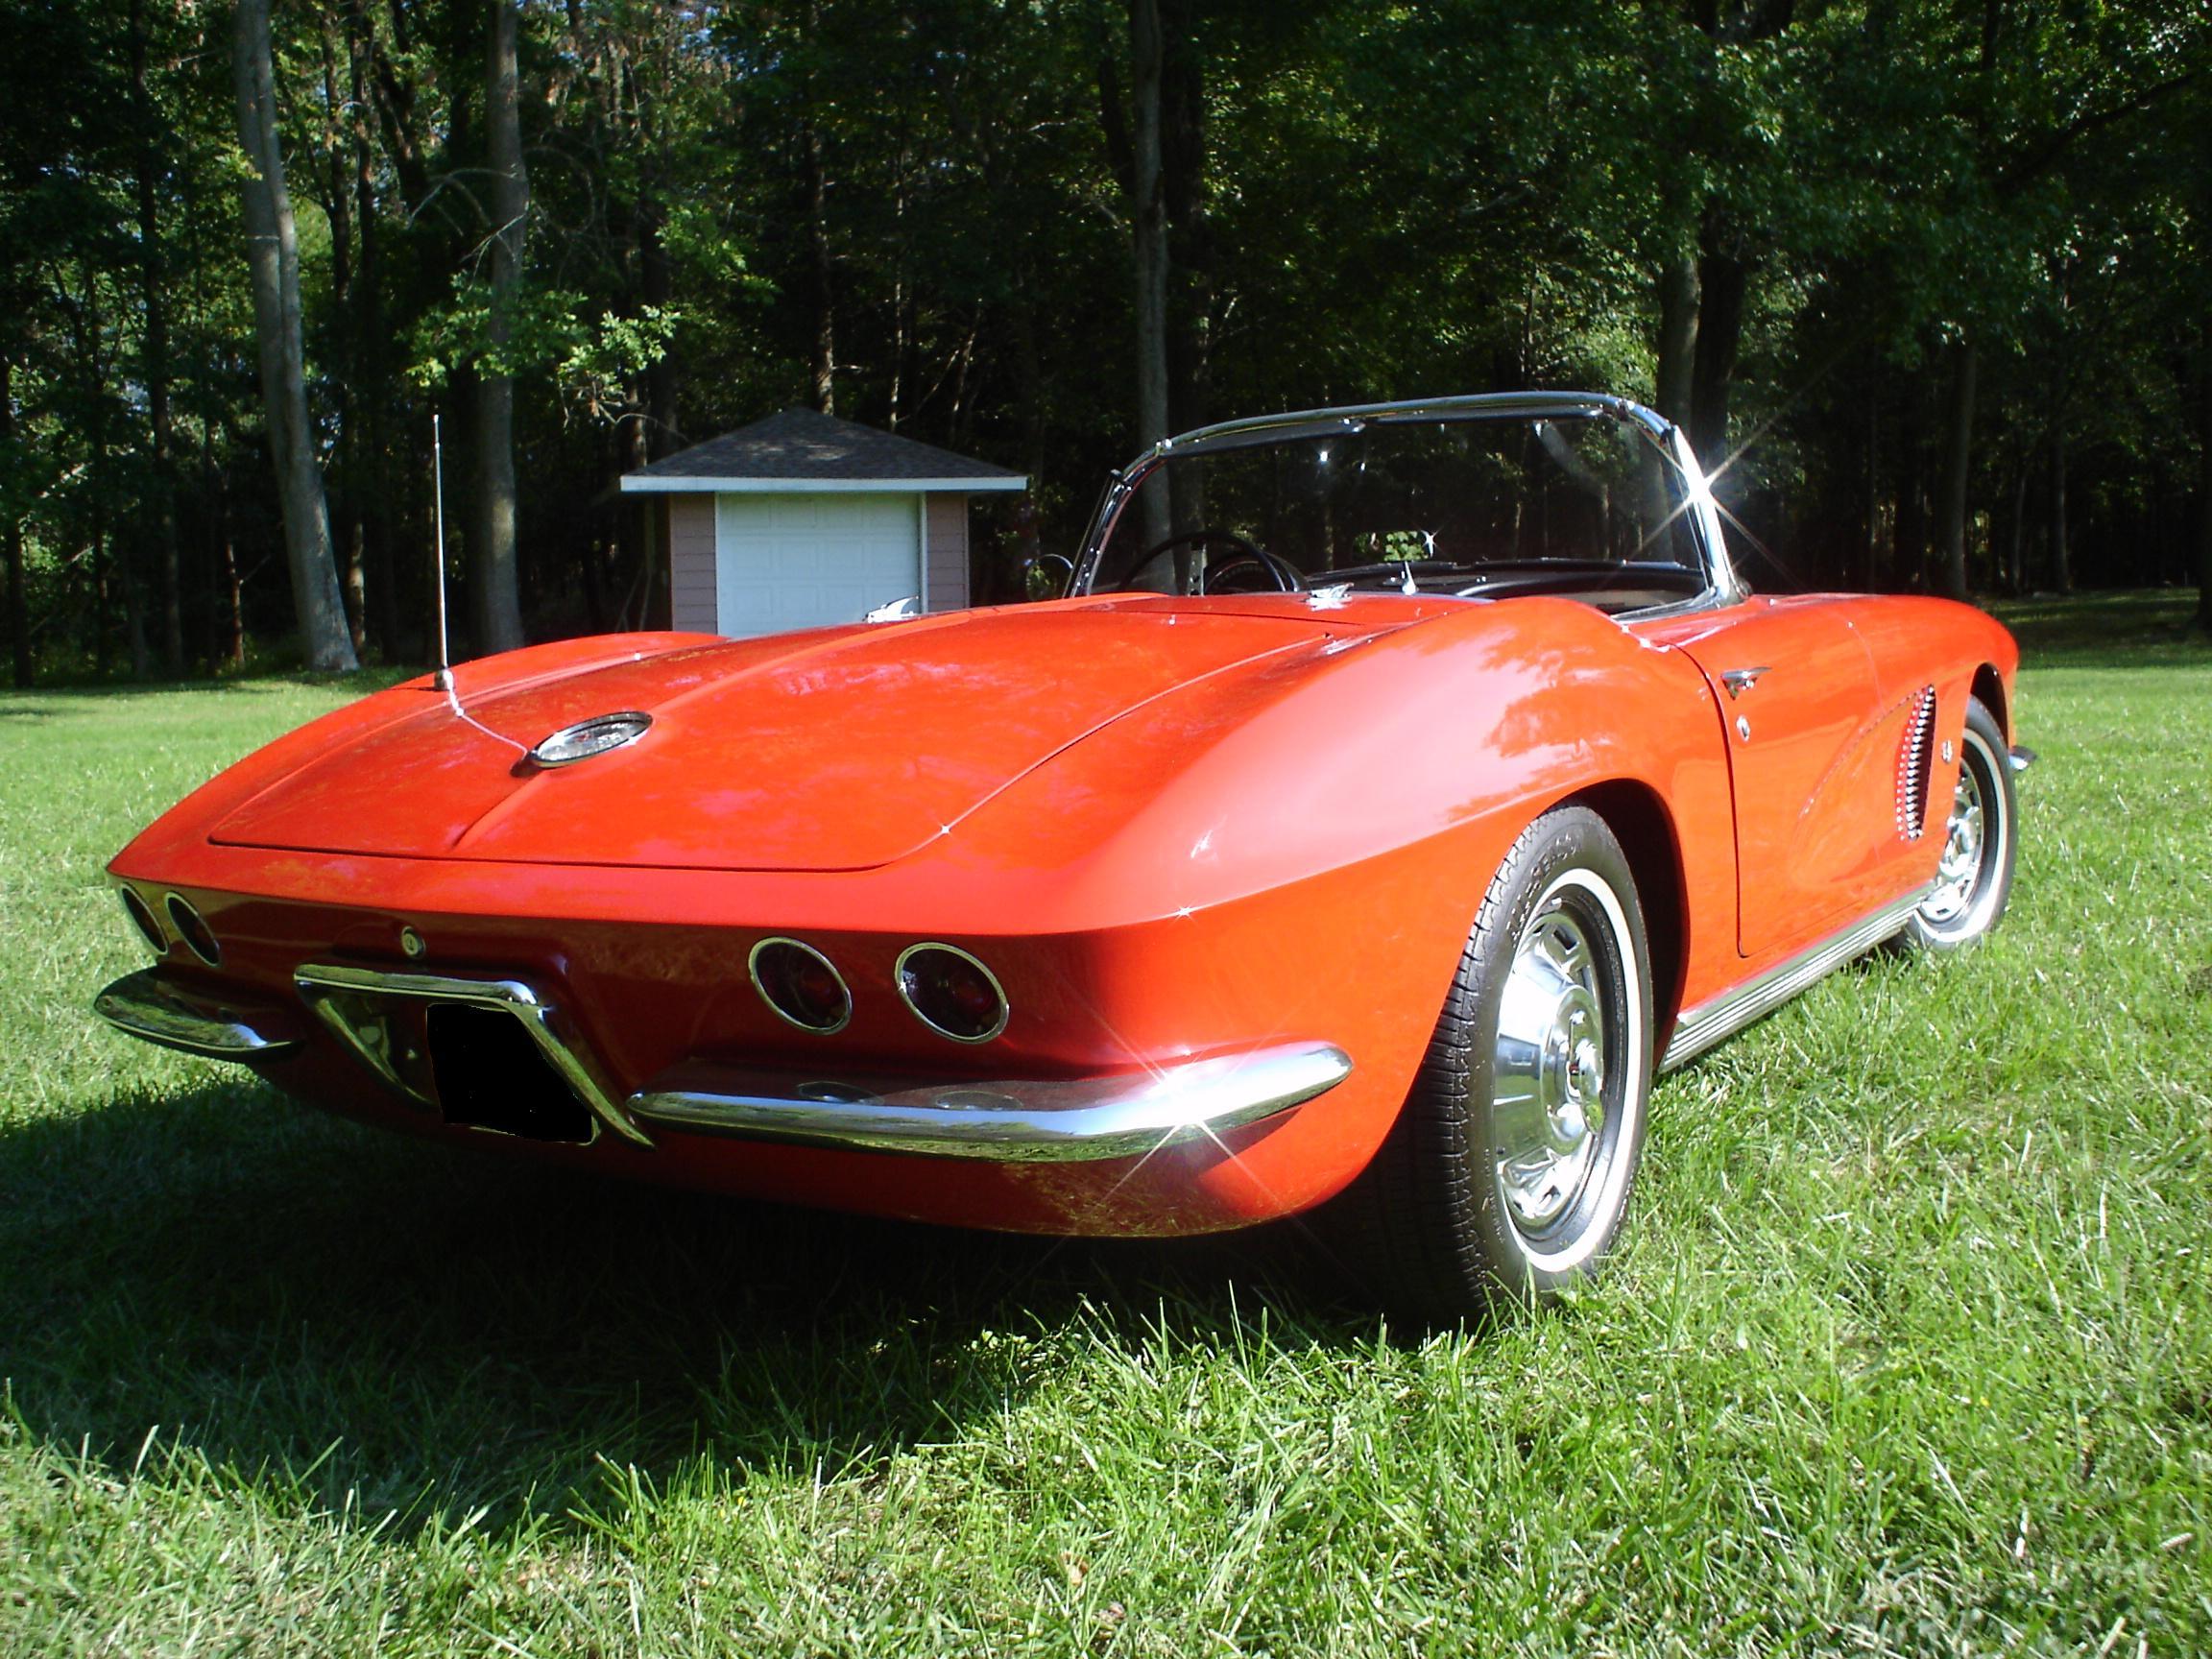 Corvette For Sale >> 1962 Corvette | JJV Customs